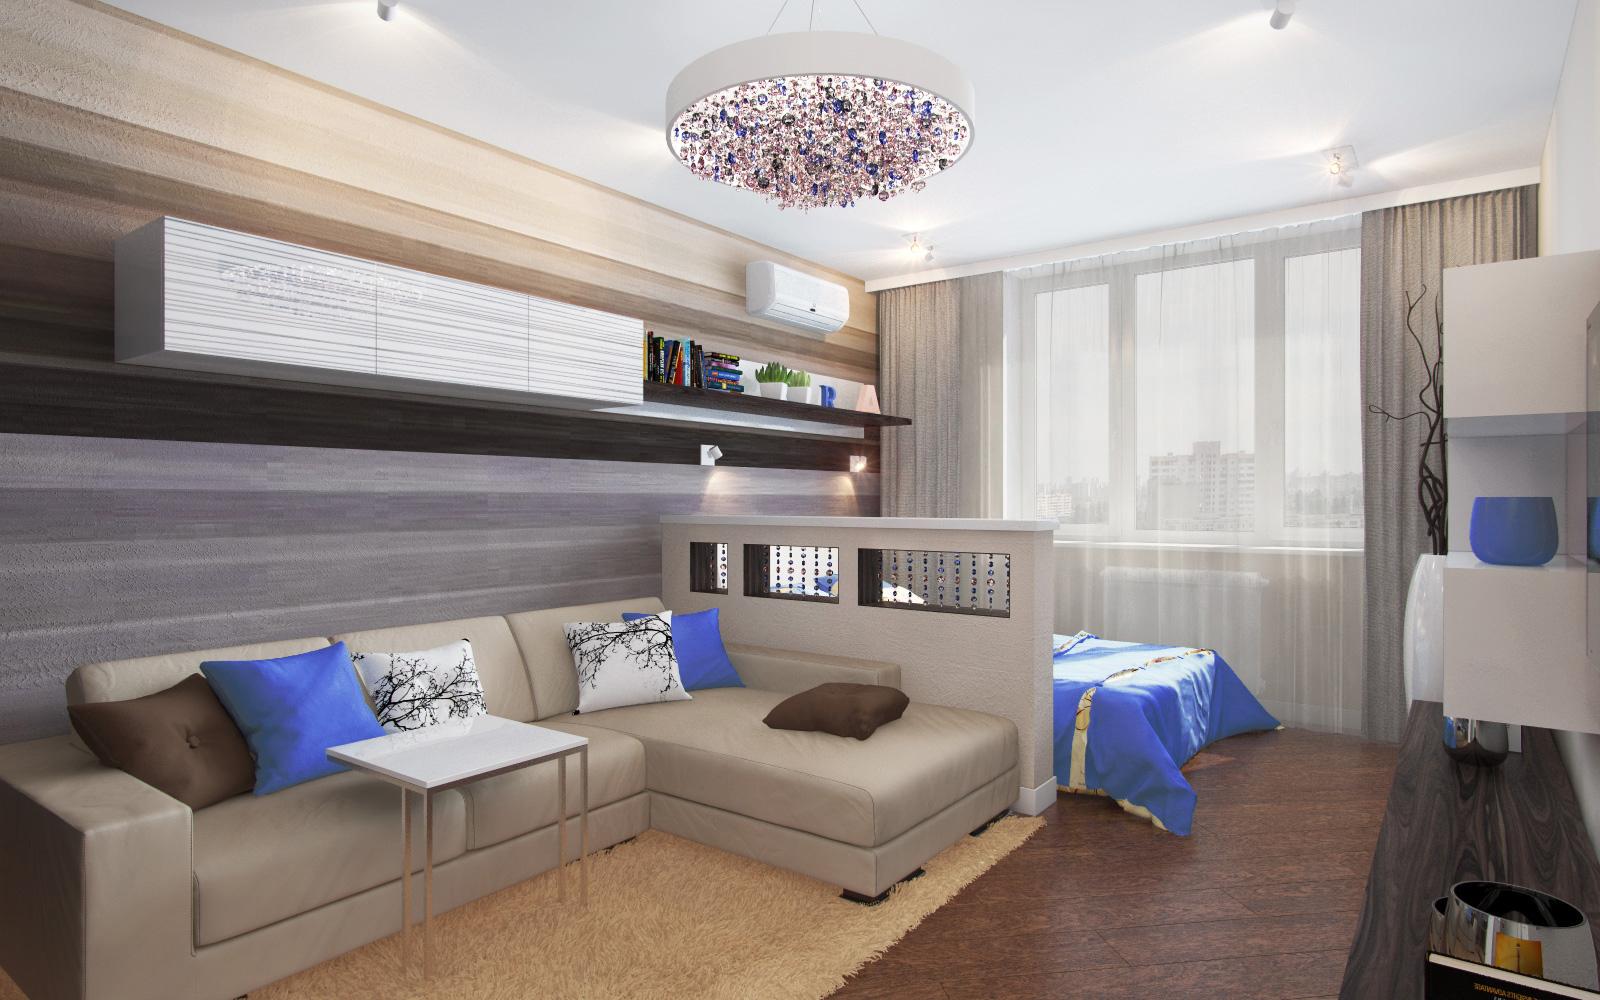 Как разместить спальню и гостиную в одной комнате